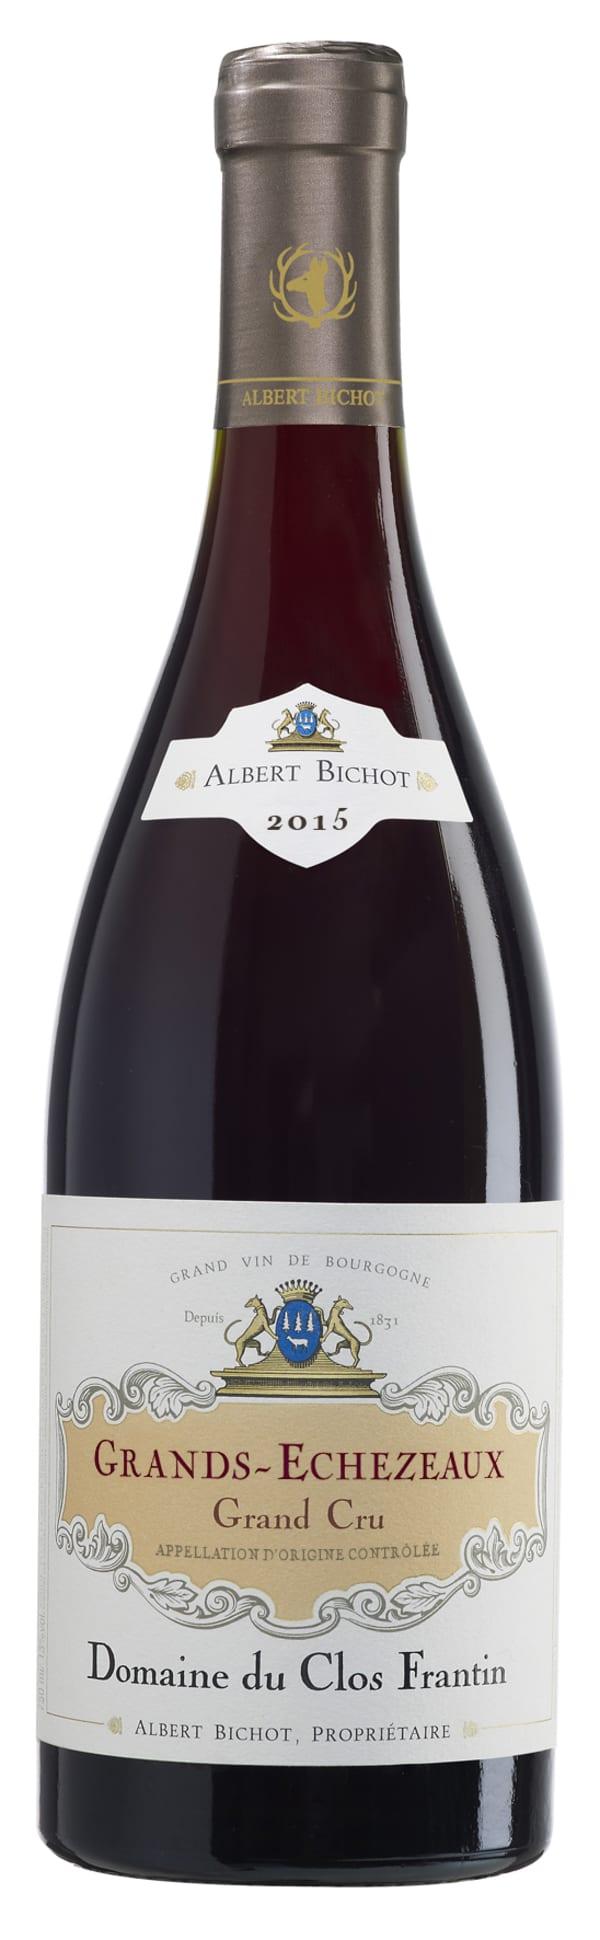 Albert Bichot Domaine du Clos Frantin Grands-Echezeaux Grand Cru 2015